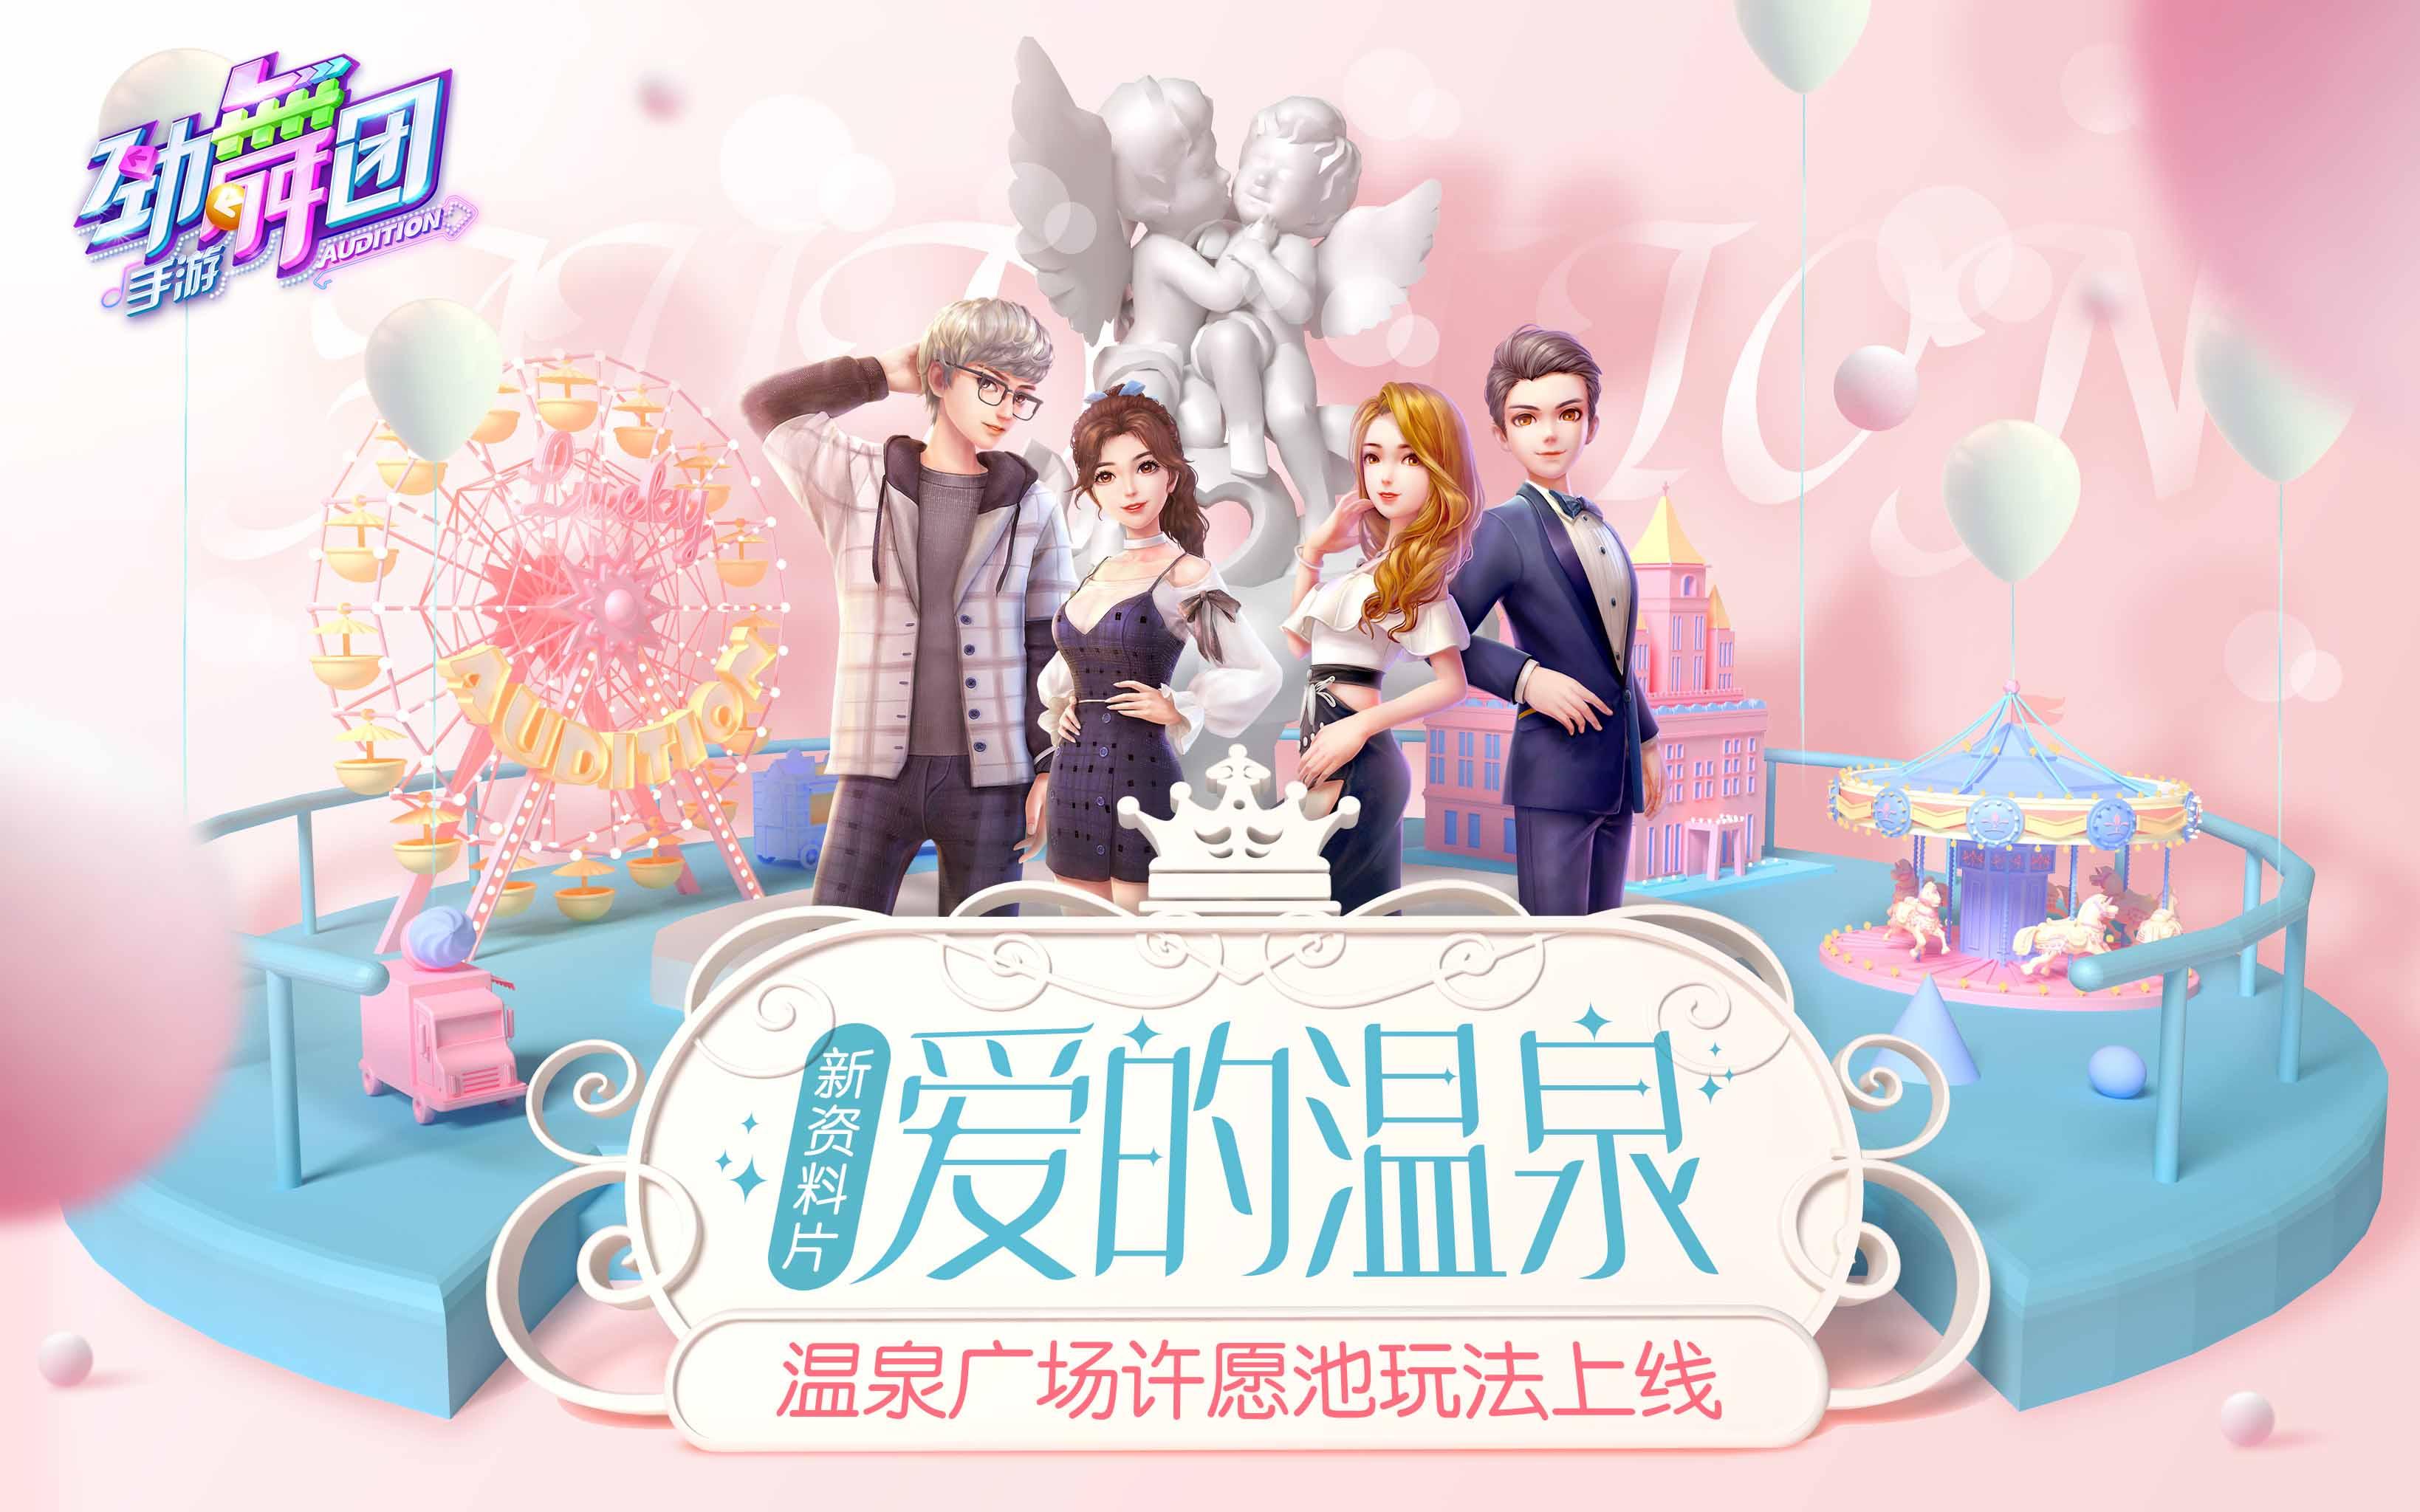 爱的温泉正式营业,《劲舞团》手游新资料片今日上线!